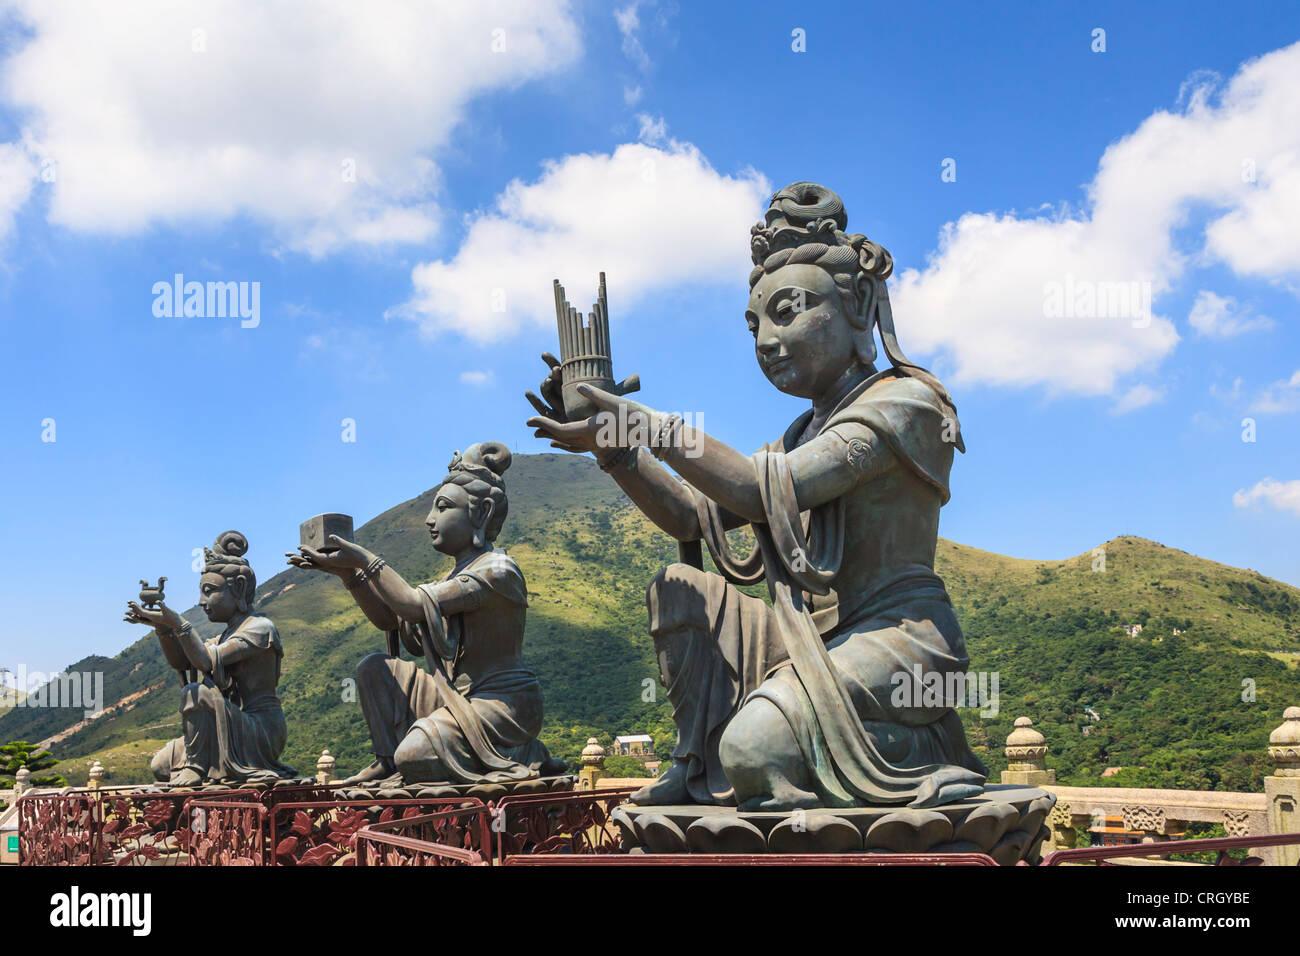 Statues of Devas making offerings at Tian Tan Buddha image on Lantau Island, Hong Kong - Stock Image